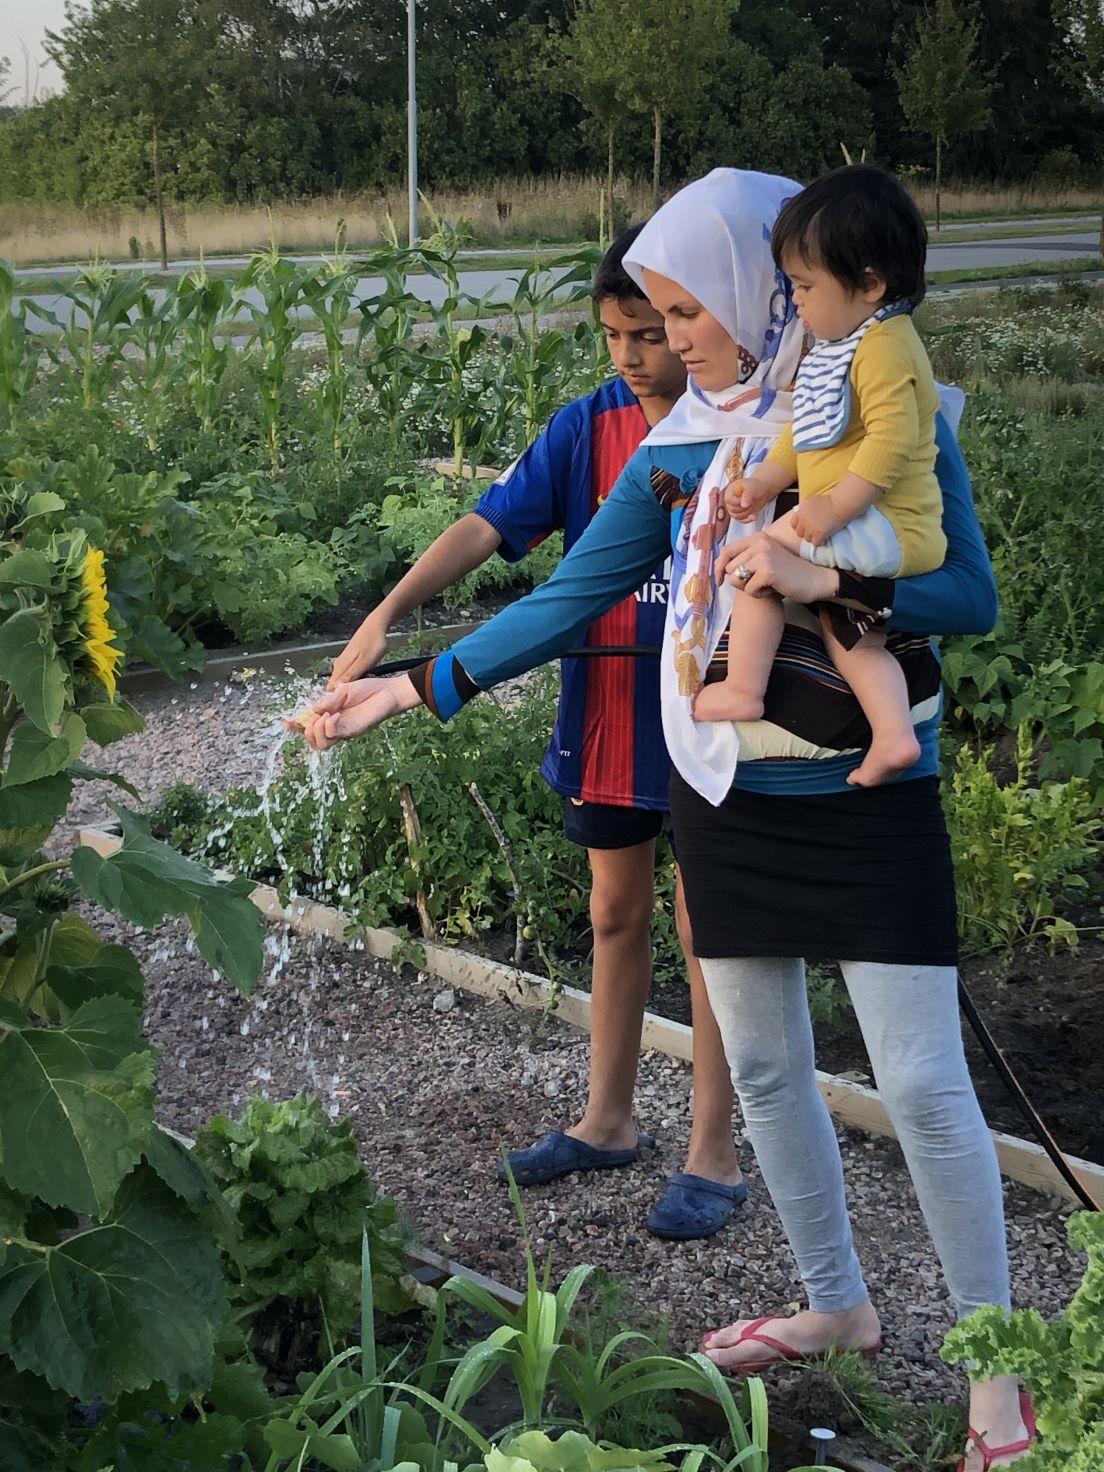 En mamma med ett barn i famnen och ett bredvid vattnar sina grödor